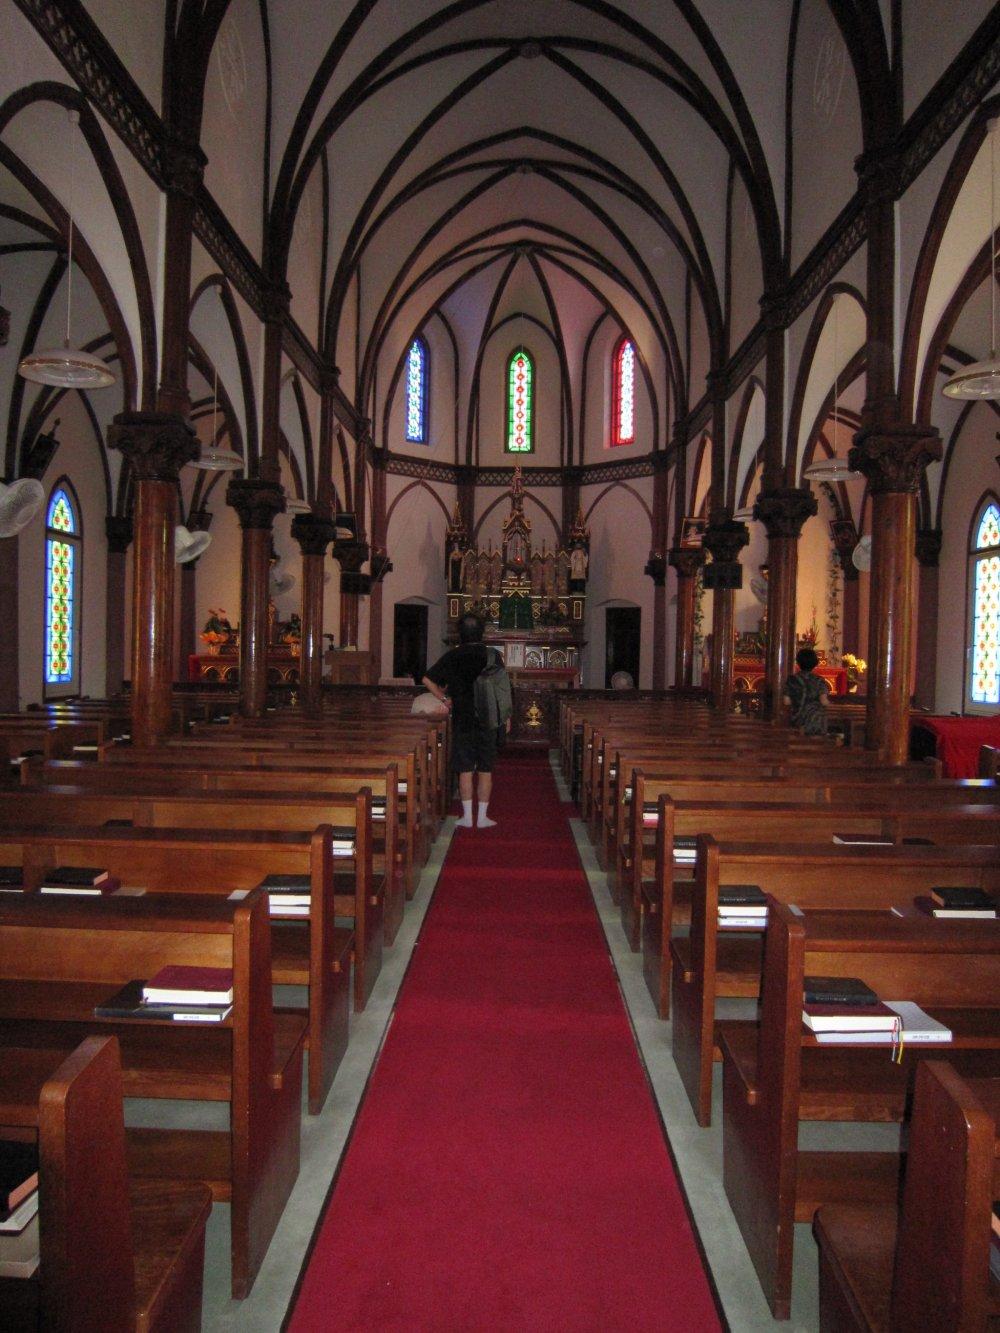 入口から望む青砂ヶ浦天主堂内部